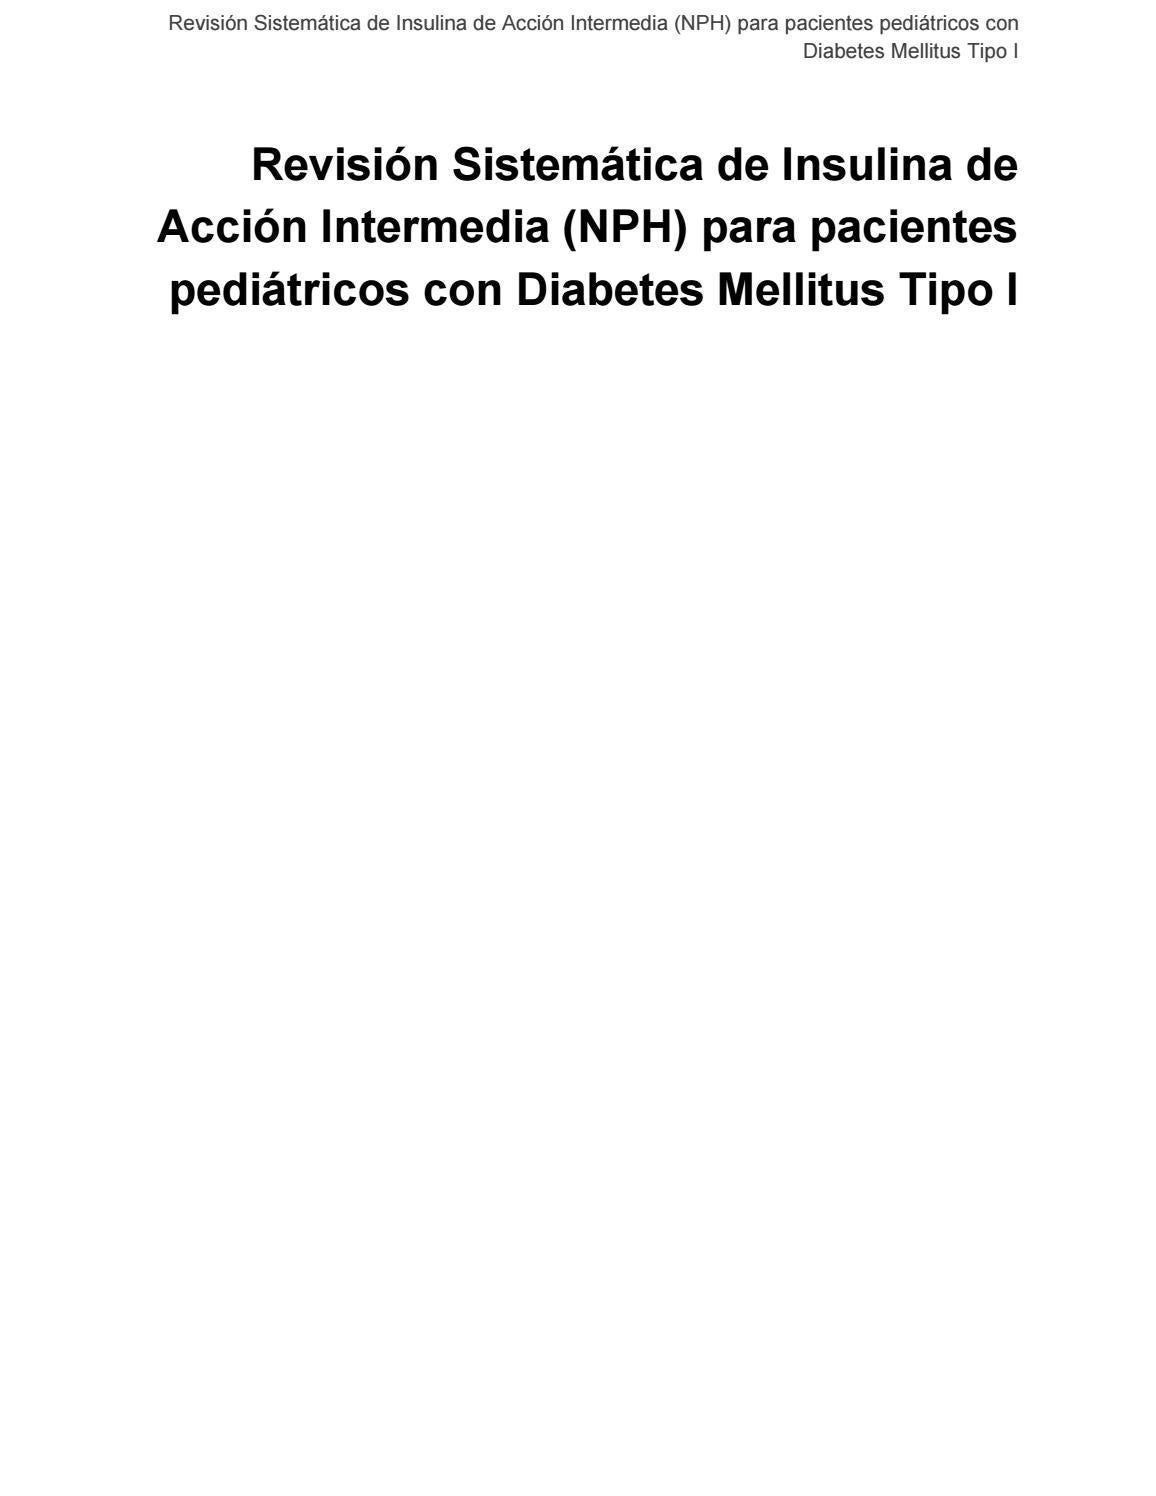 absorción de insulina nph y diabetes